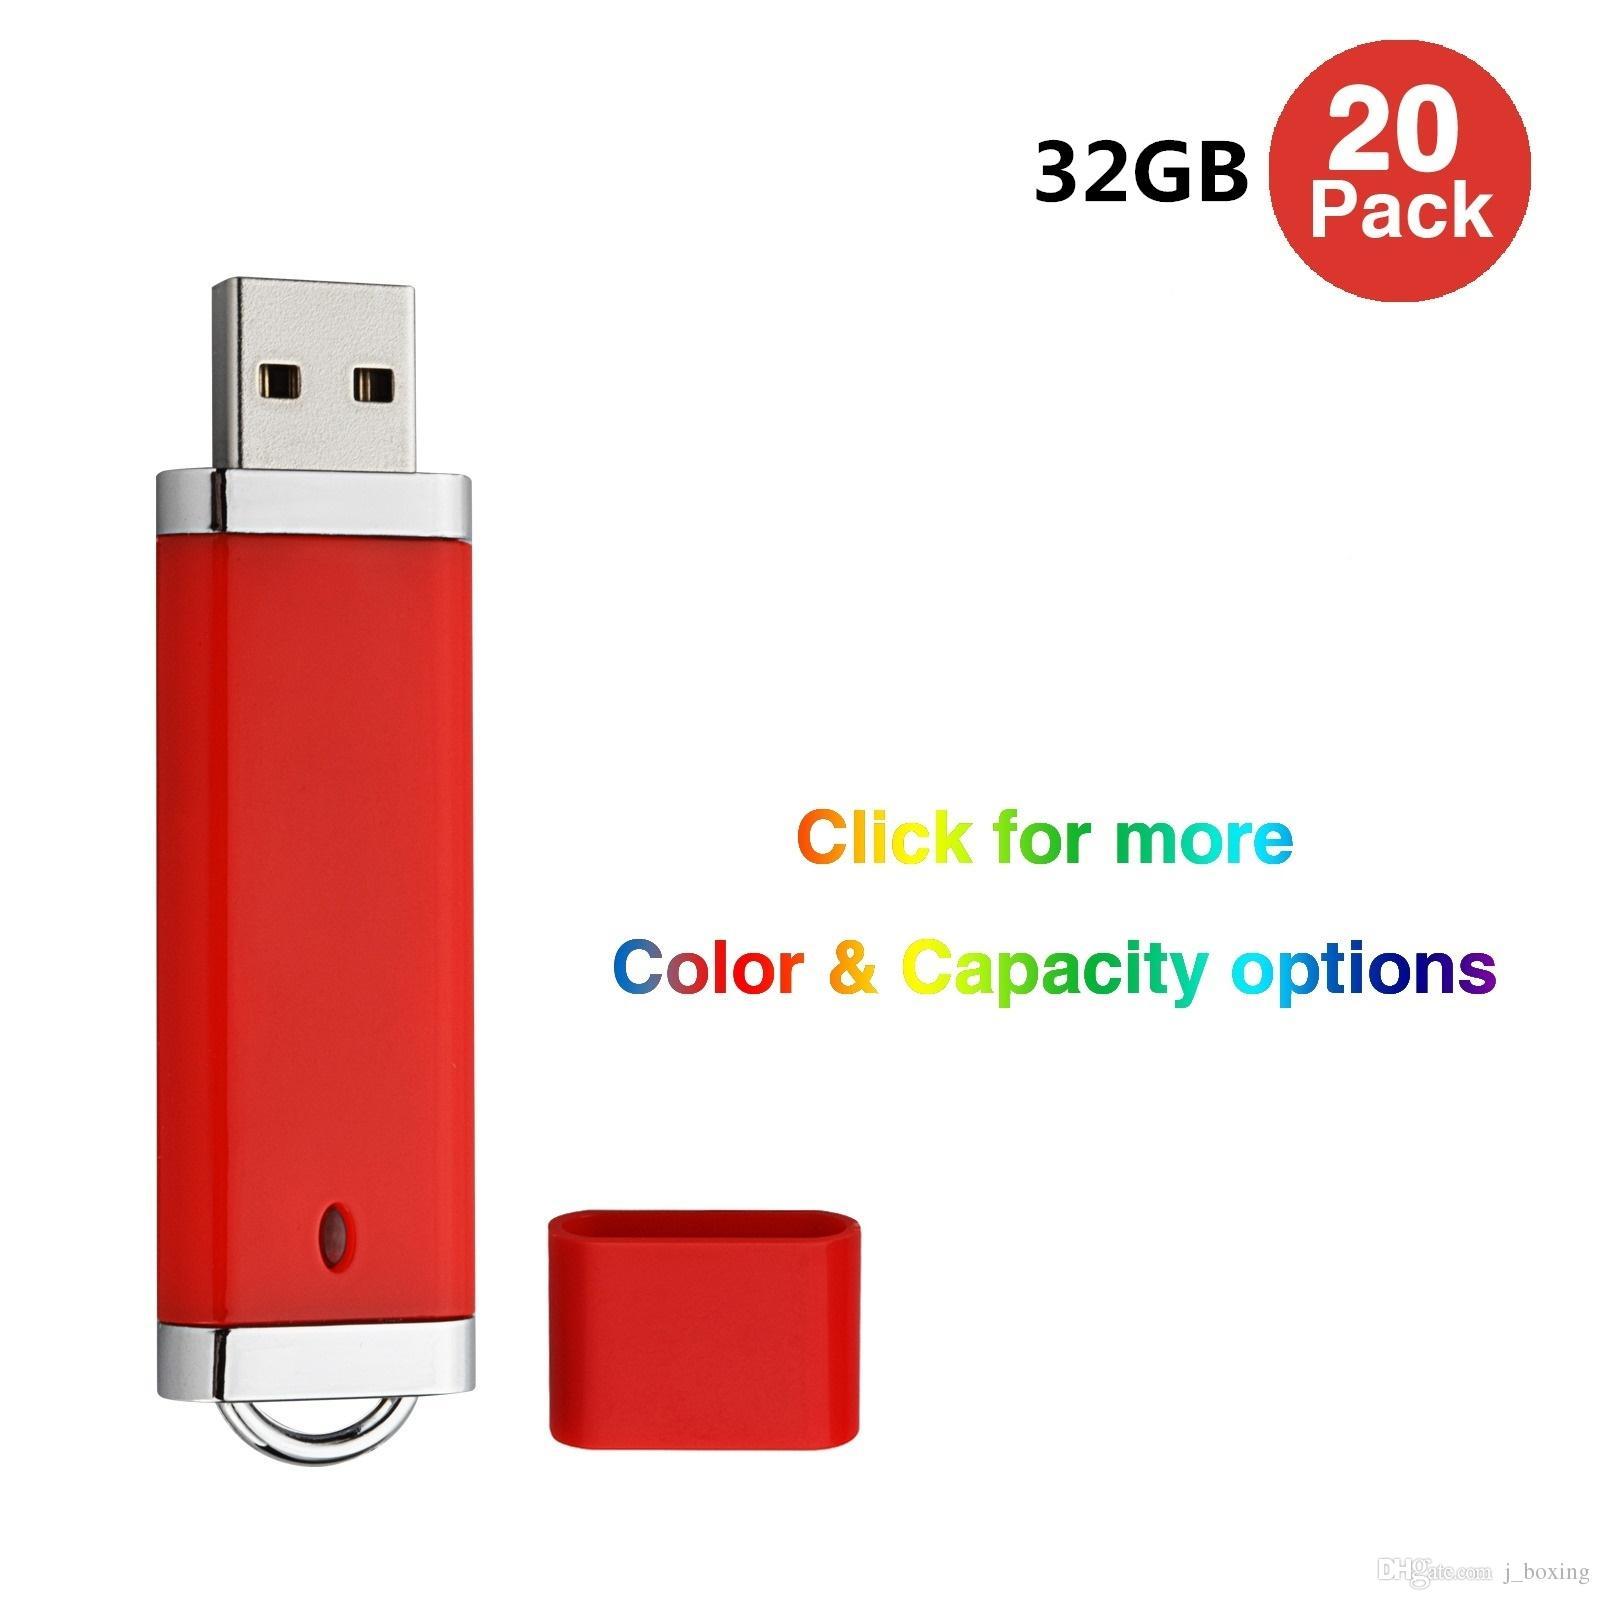 Bulk 20 Lighter Design 32GB USB 2.0 Flash Drives Flash Memory Stick Pen Drive for Computer Laptop Thumb Storage LED Indicator Multi-colors